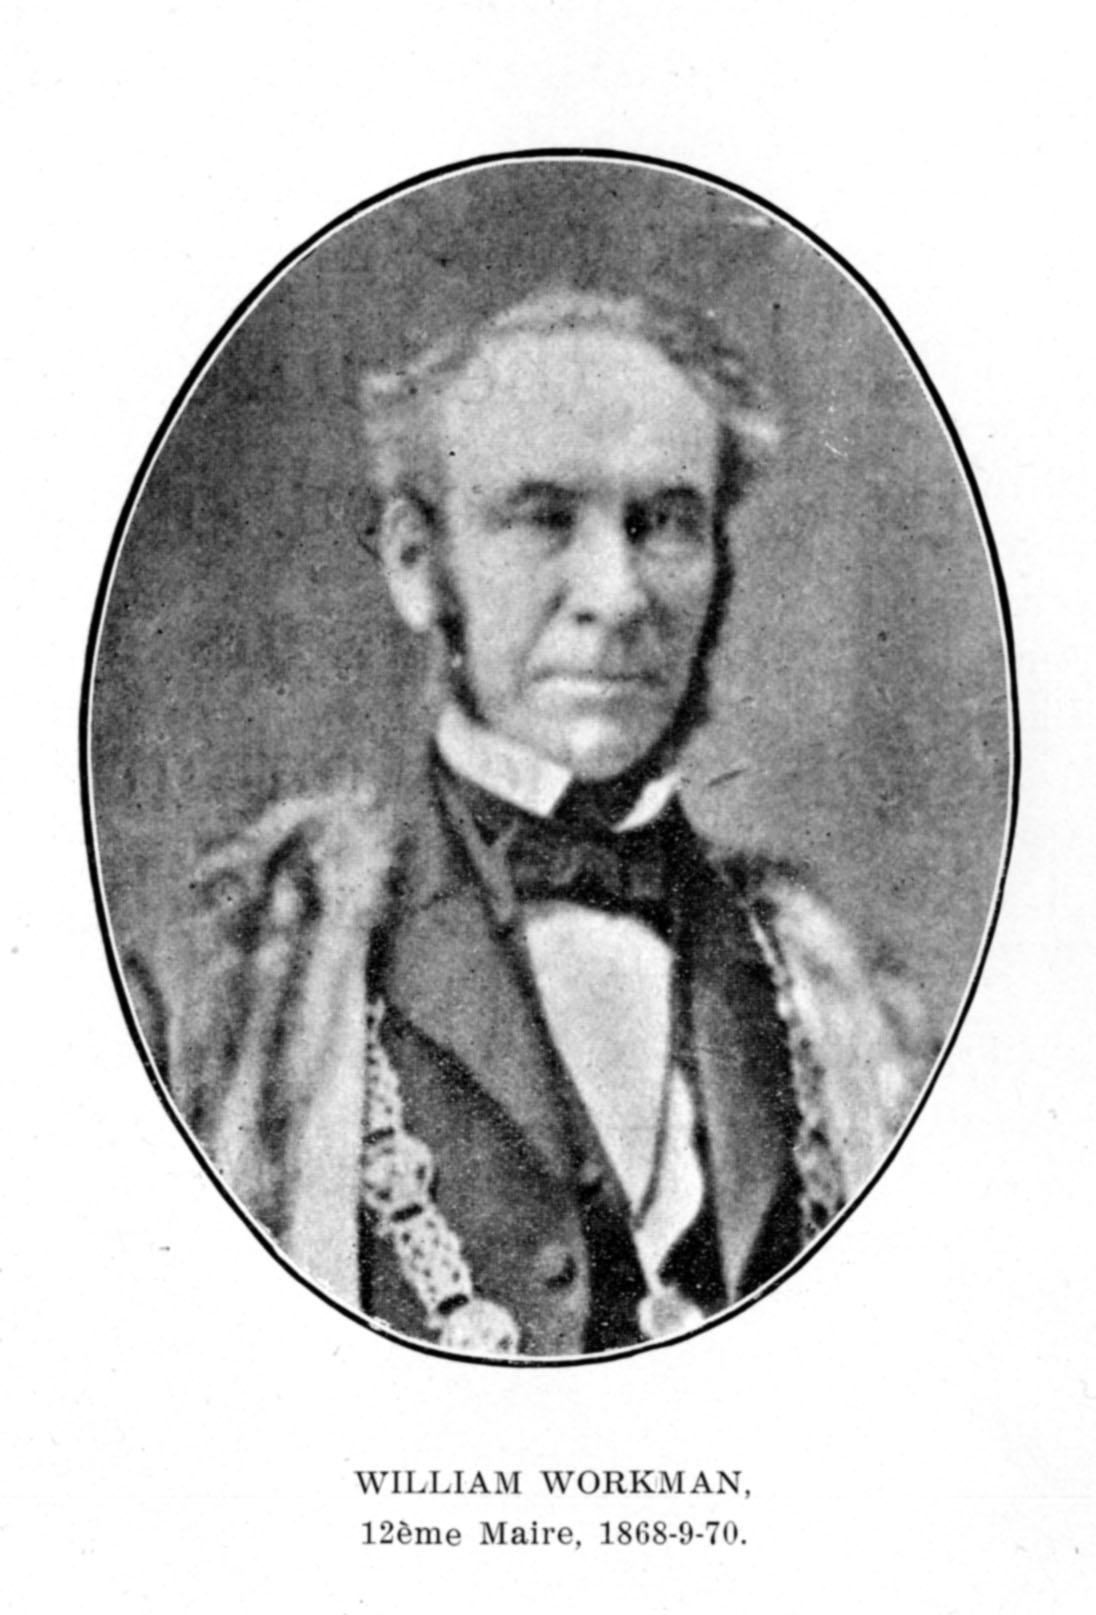 Portrait en médaillon de William Workman